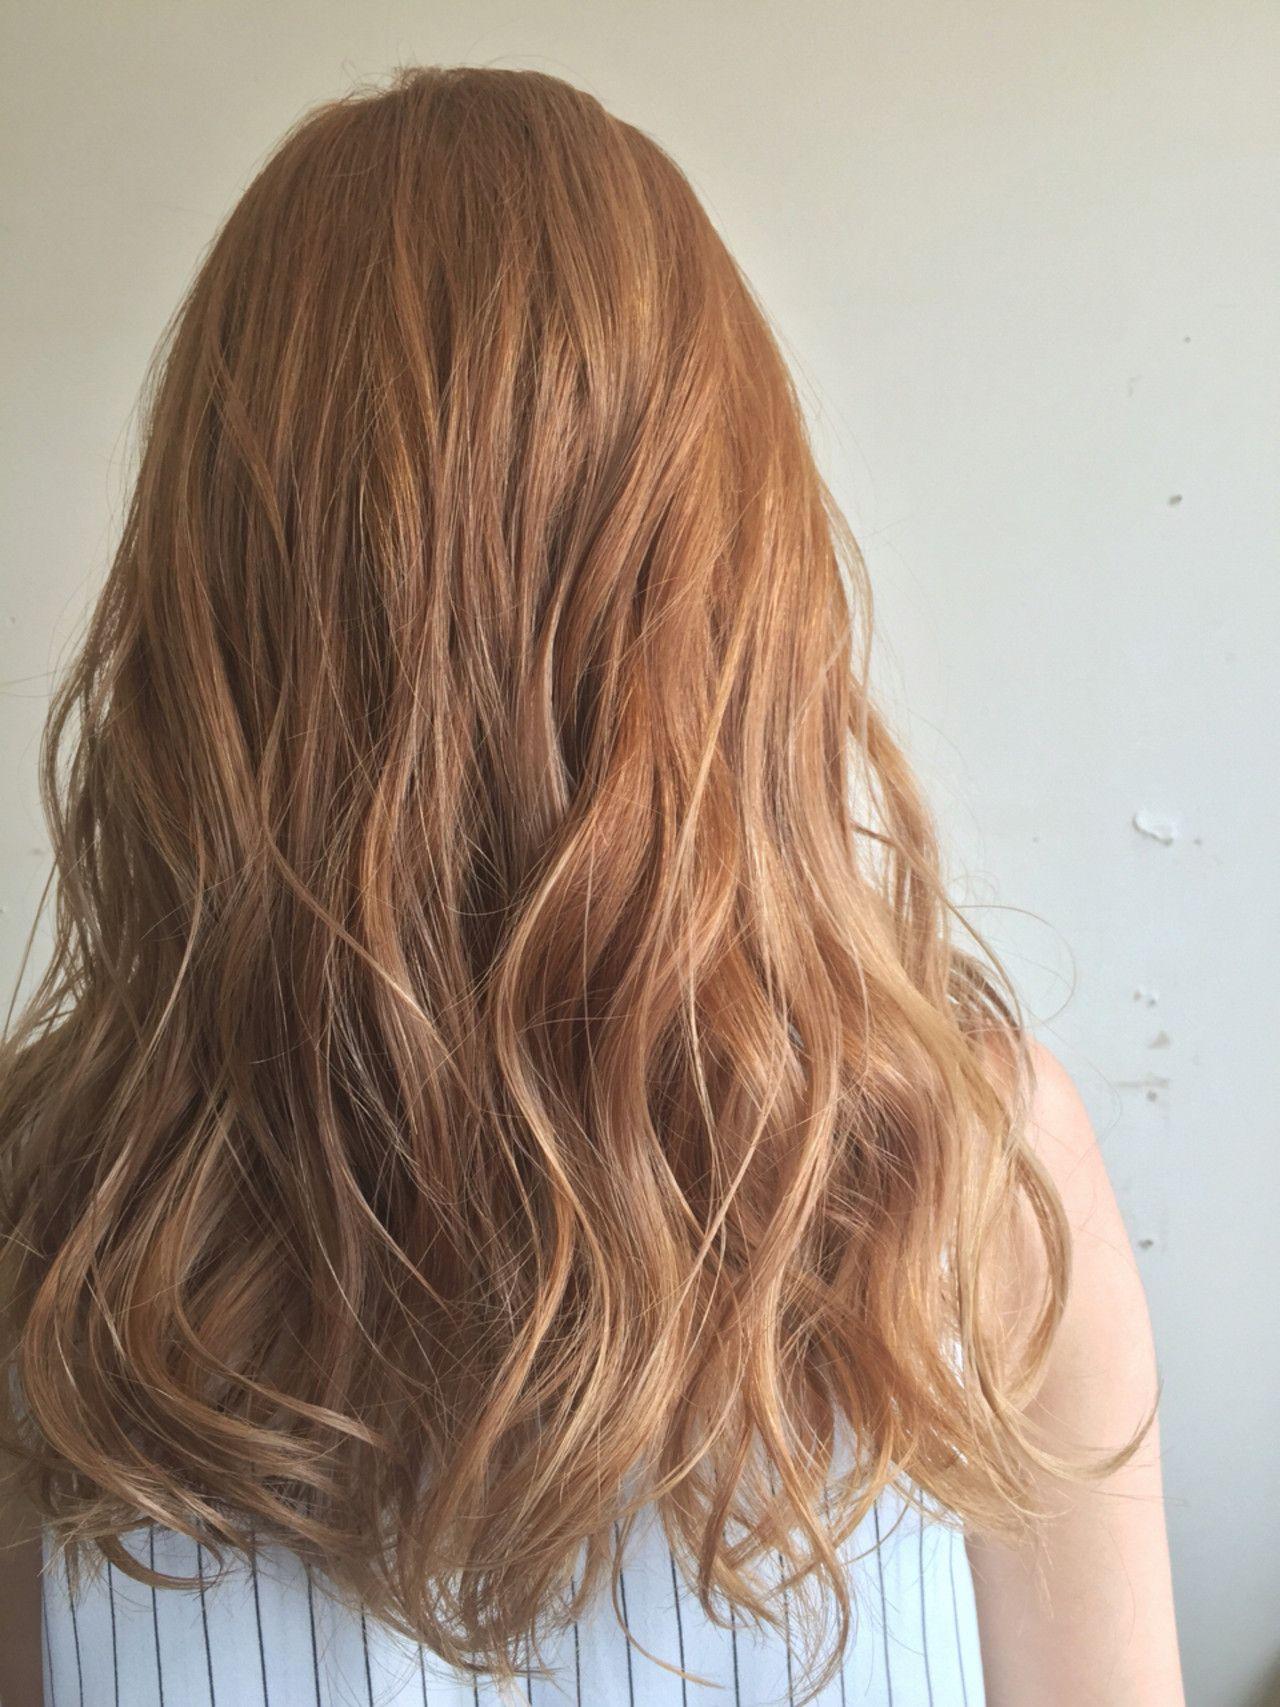 オレンジ系のヘアカラーで今っぽアクティブな印象に お手軽イメチェンしよ ヘアスタイリング ヘア アイディア 髪色 オレンジ